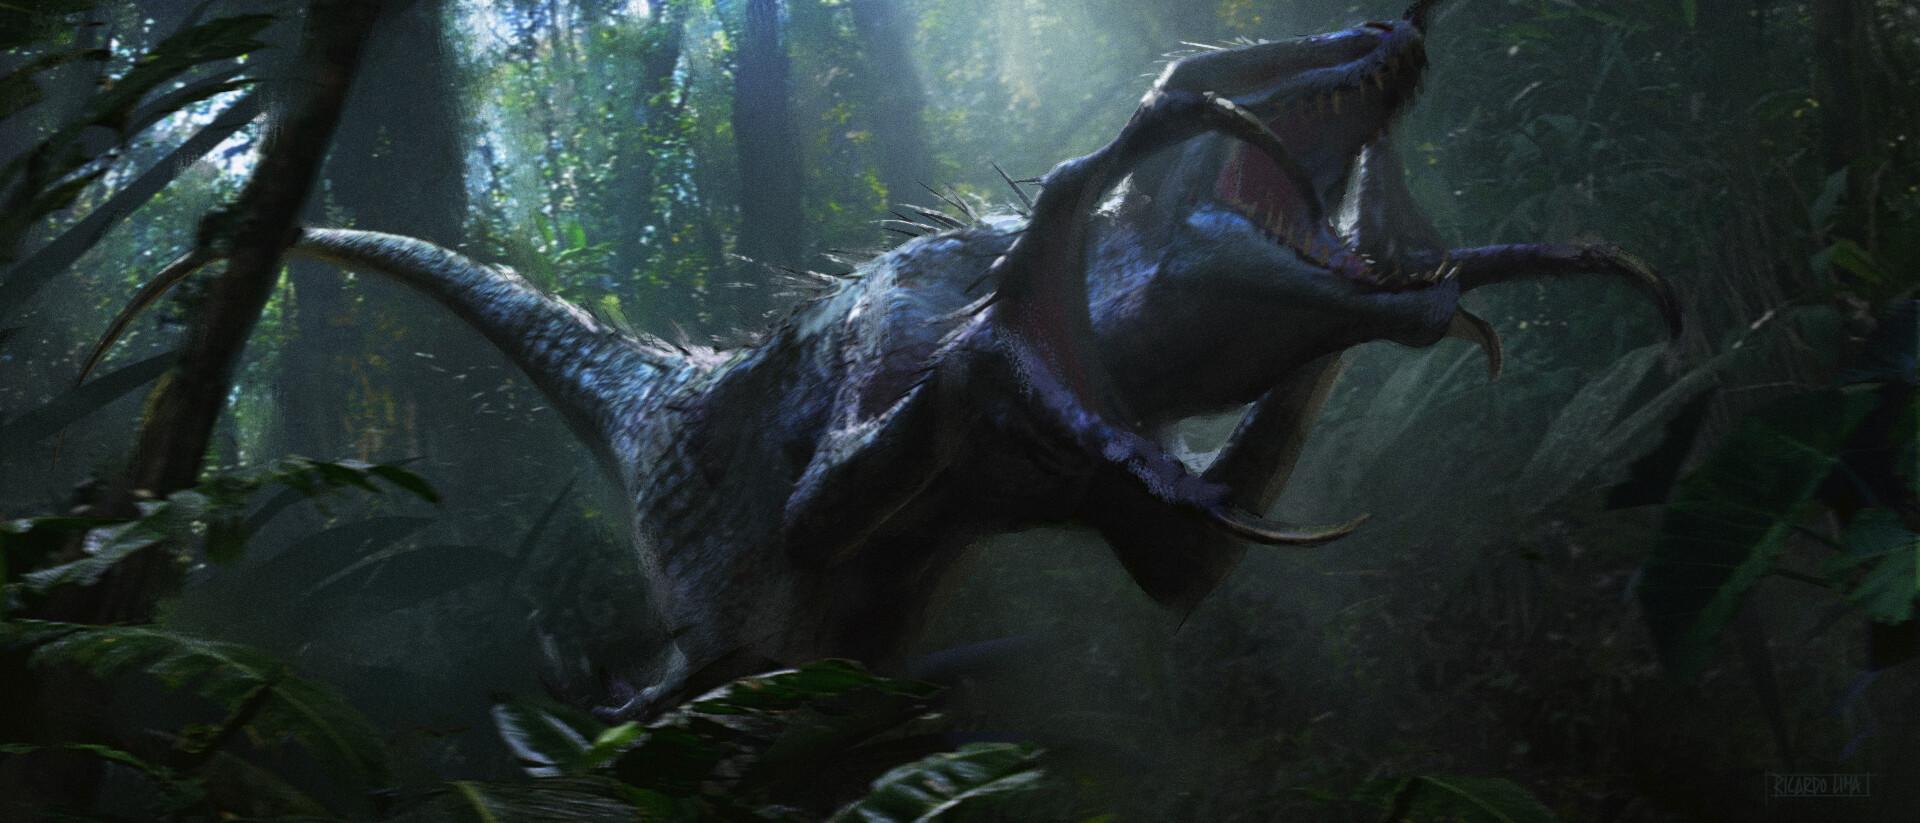 ricardo-lima-alteredplanet-raptor-concep